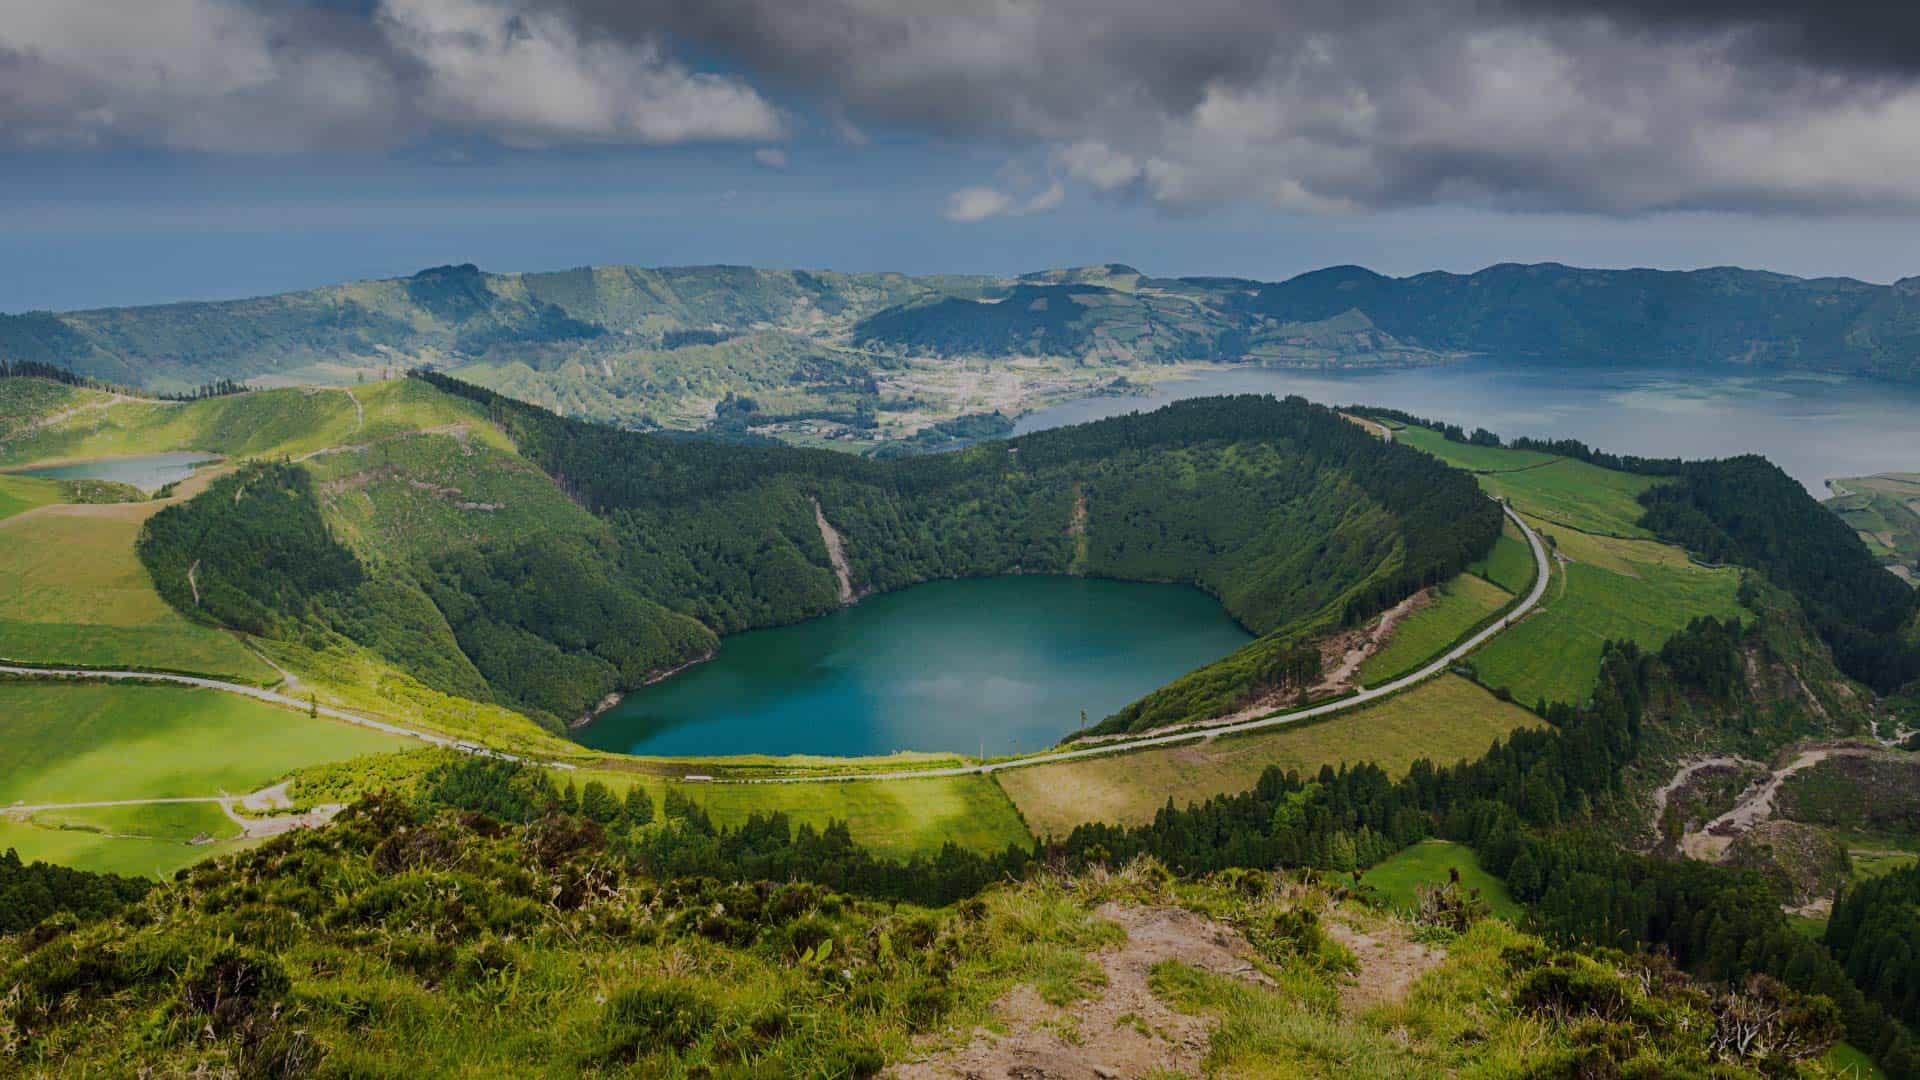 destinos-de-ecoturismo-em-portugal-slide2 açores portugal